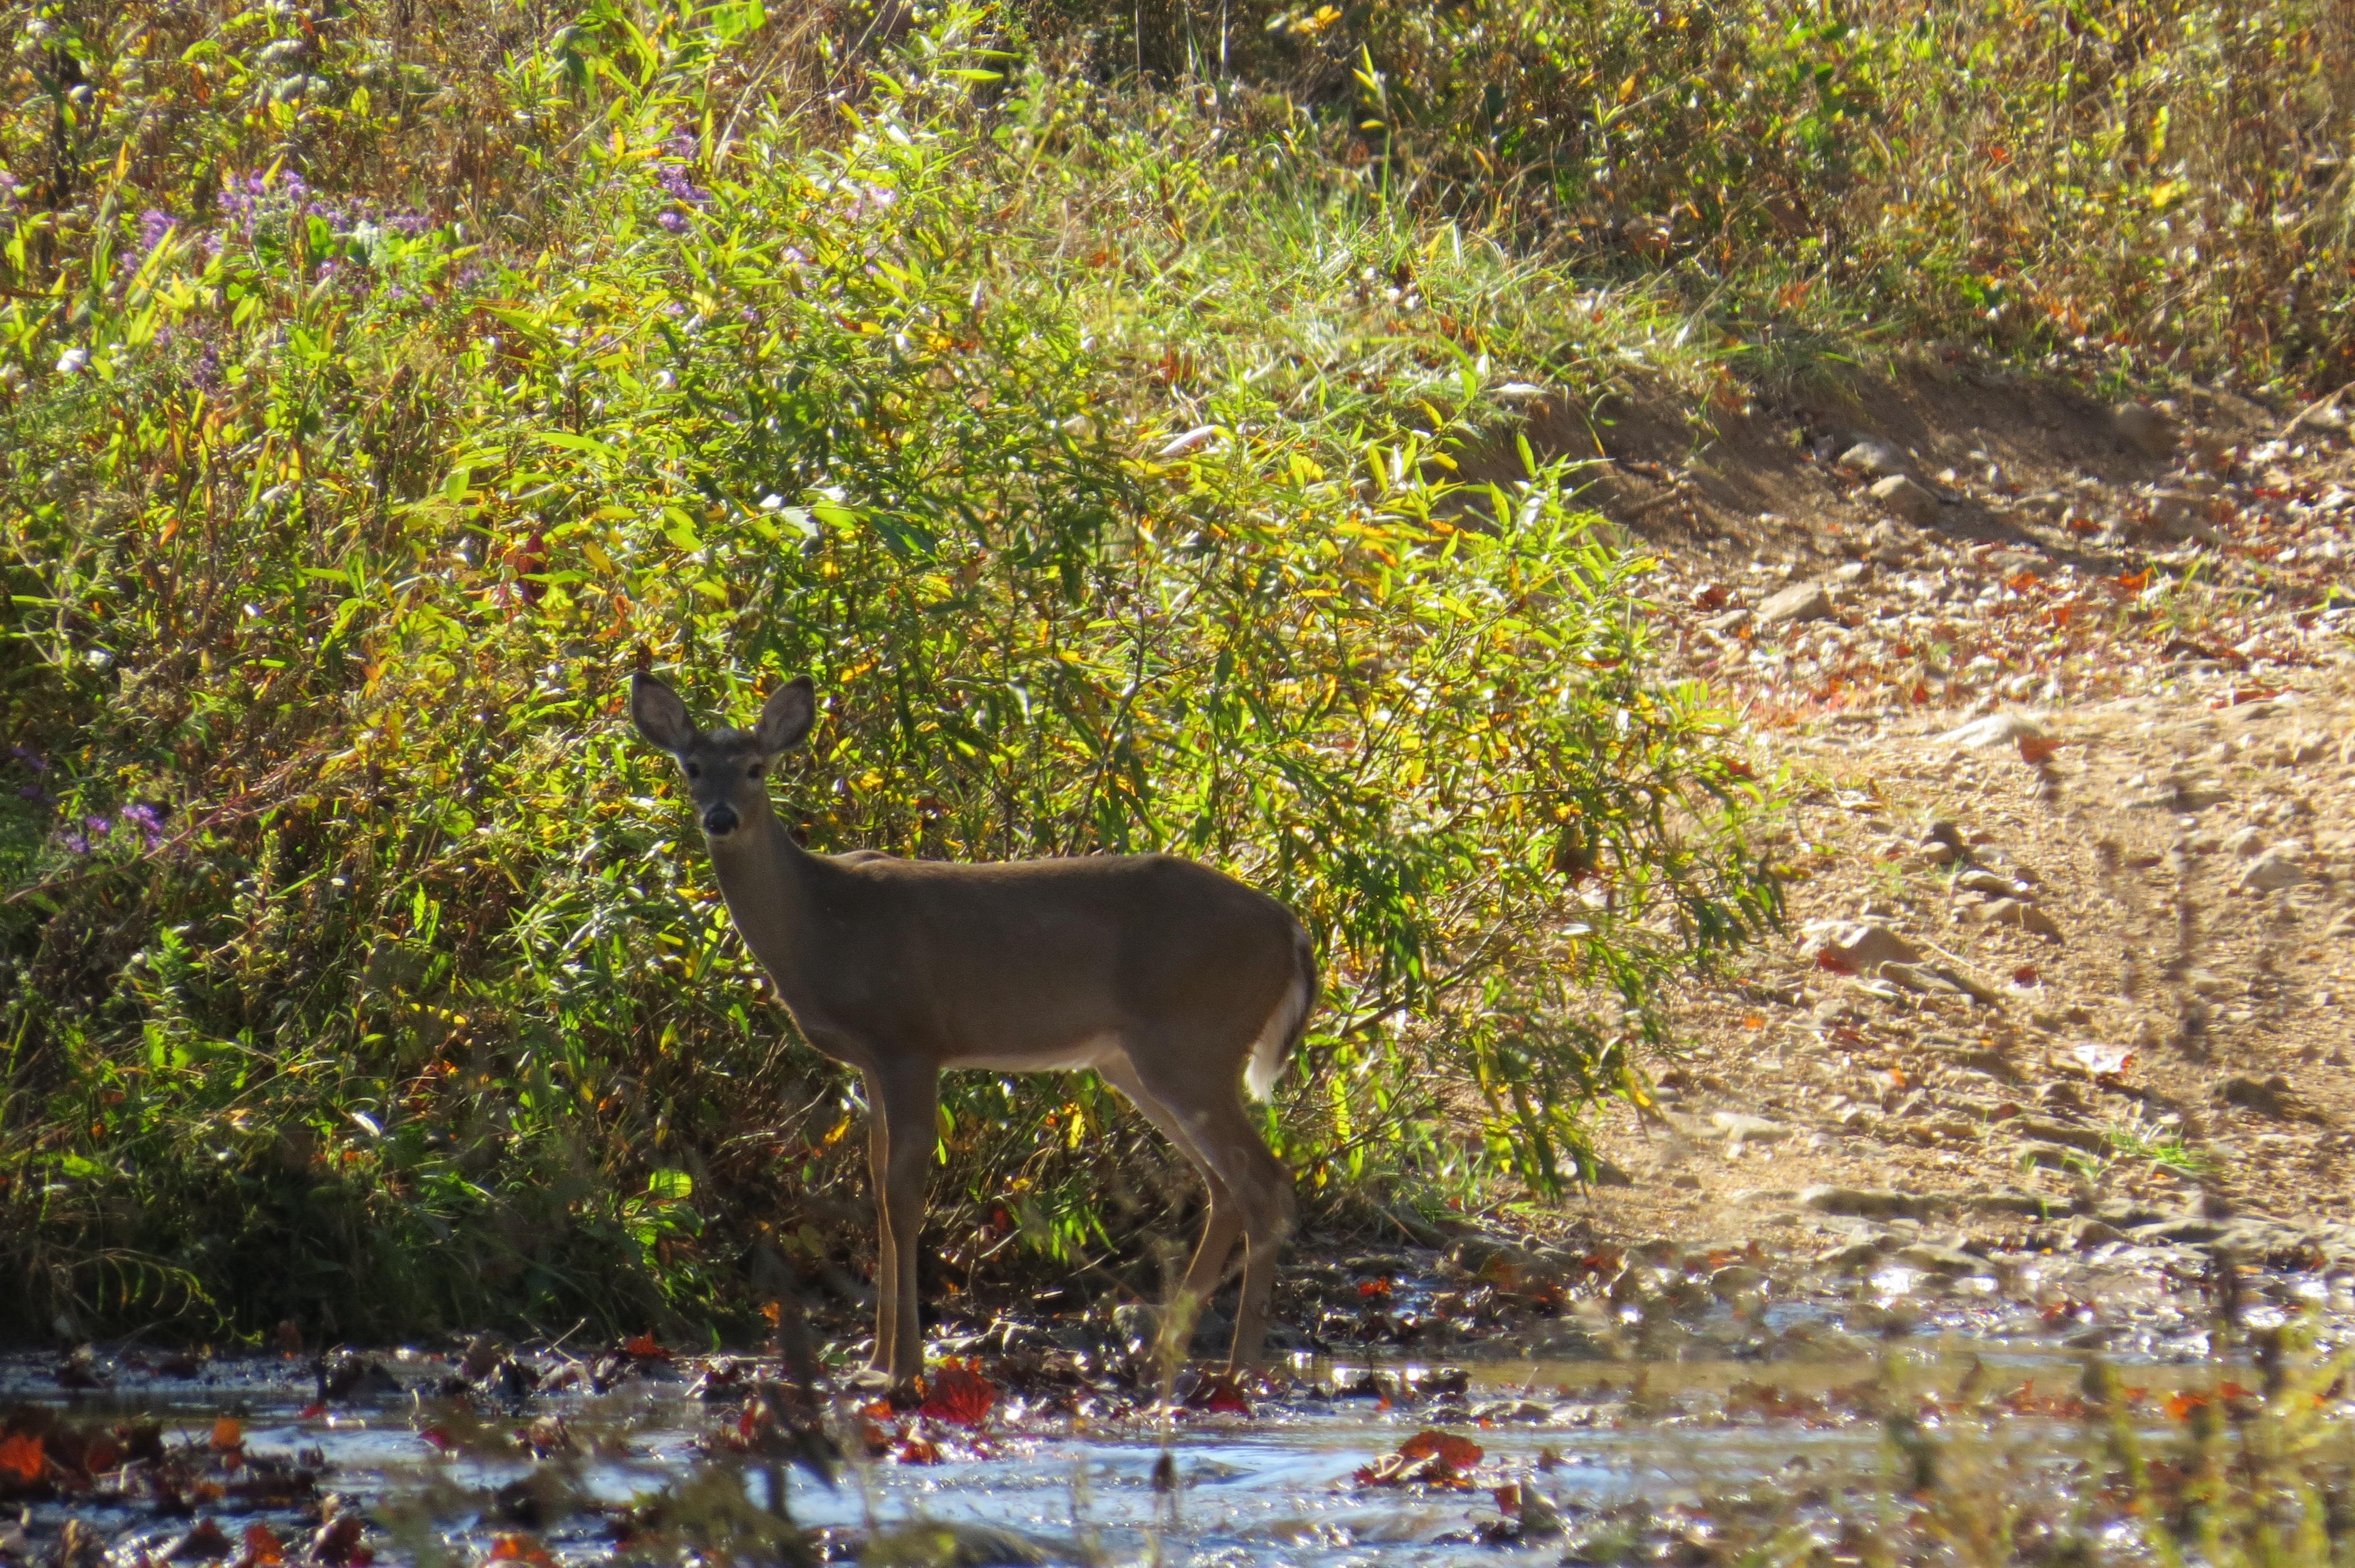 Deer close up - not full pic